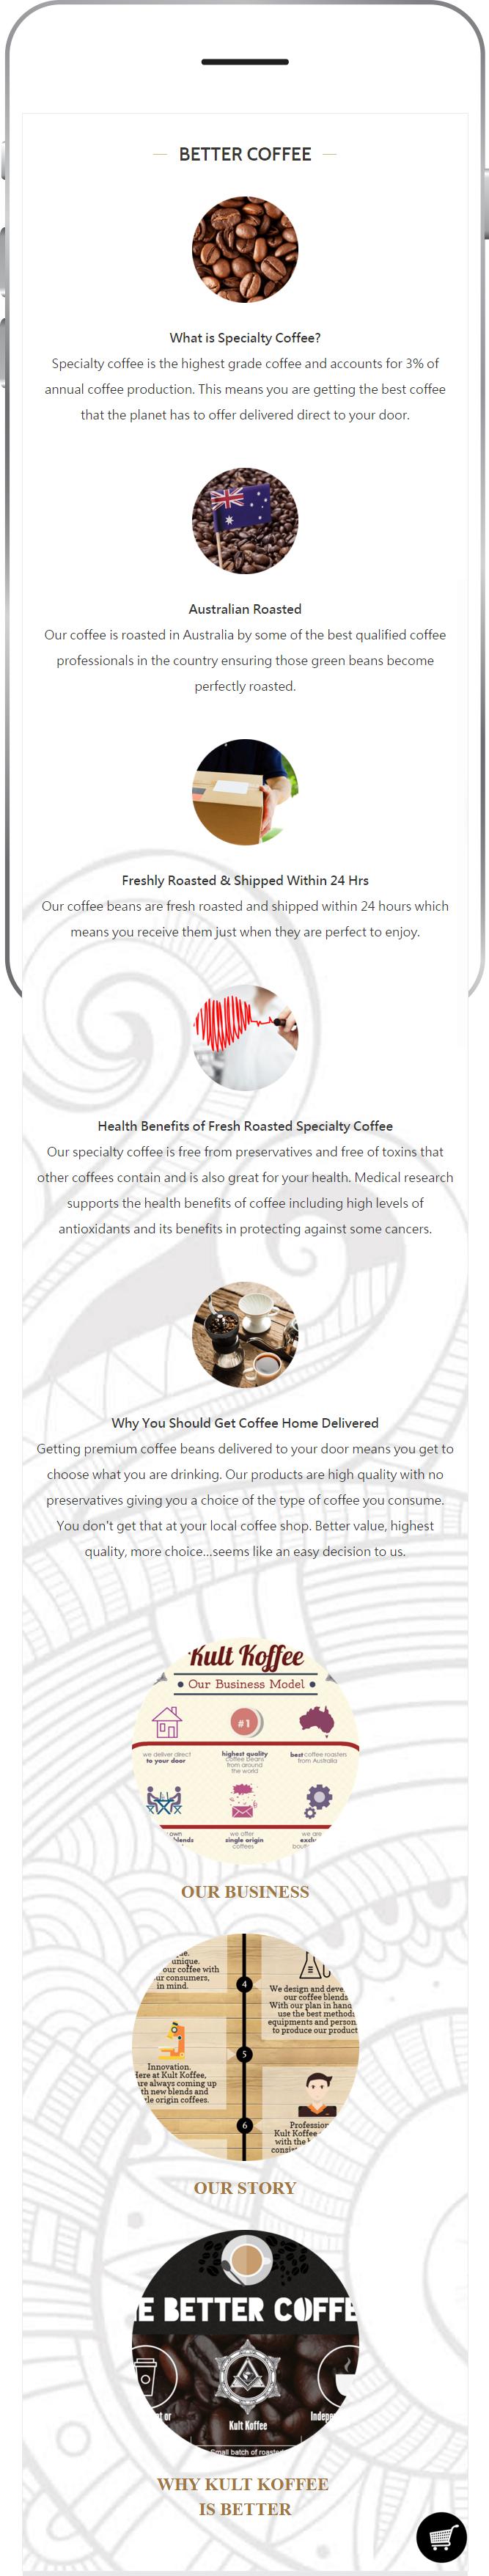 Kult Koffee